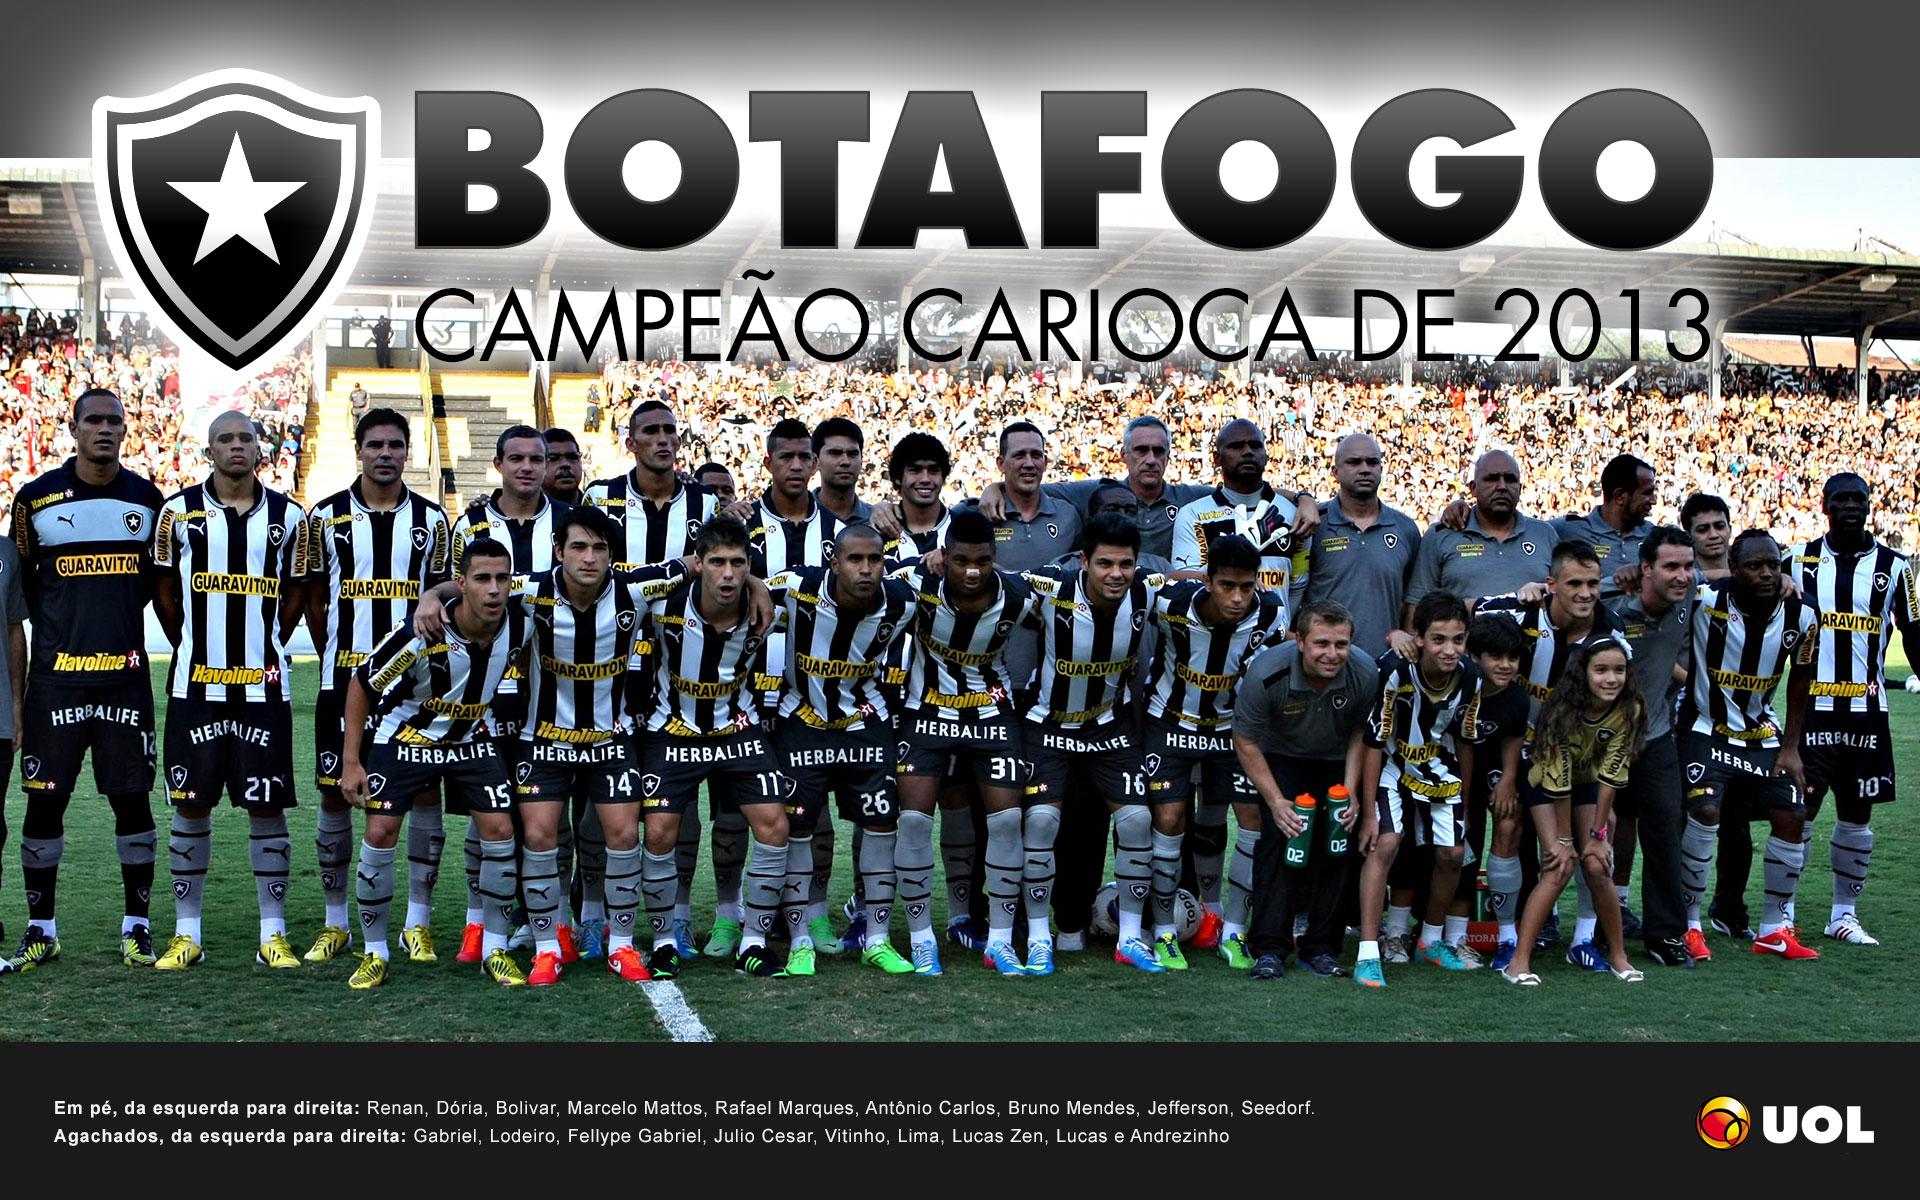 Botafogo é campeão do Estadual do Rio 2013 - Pôsteres - UOL Esporte 6f2b78b1ee07b